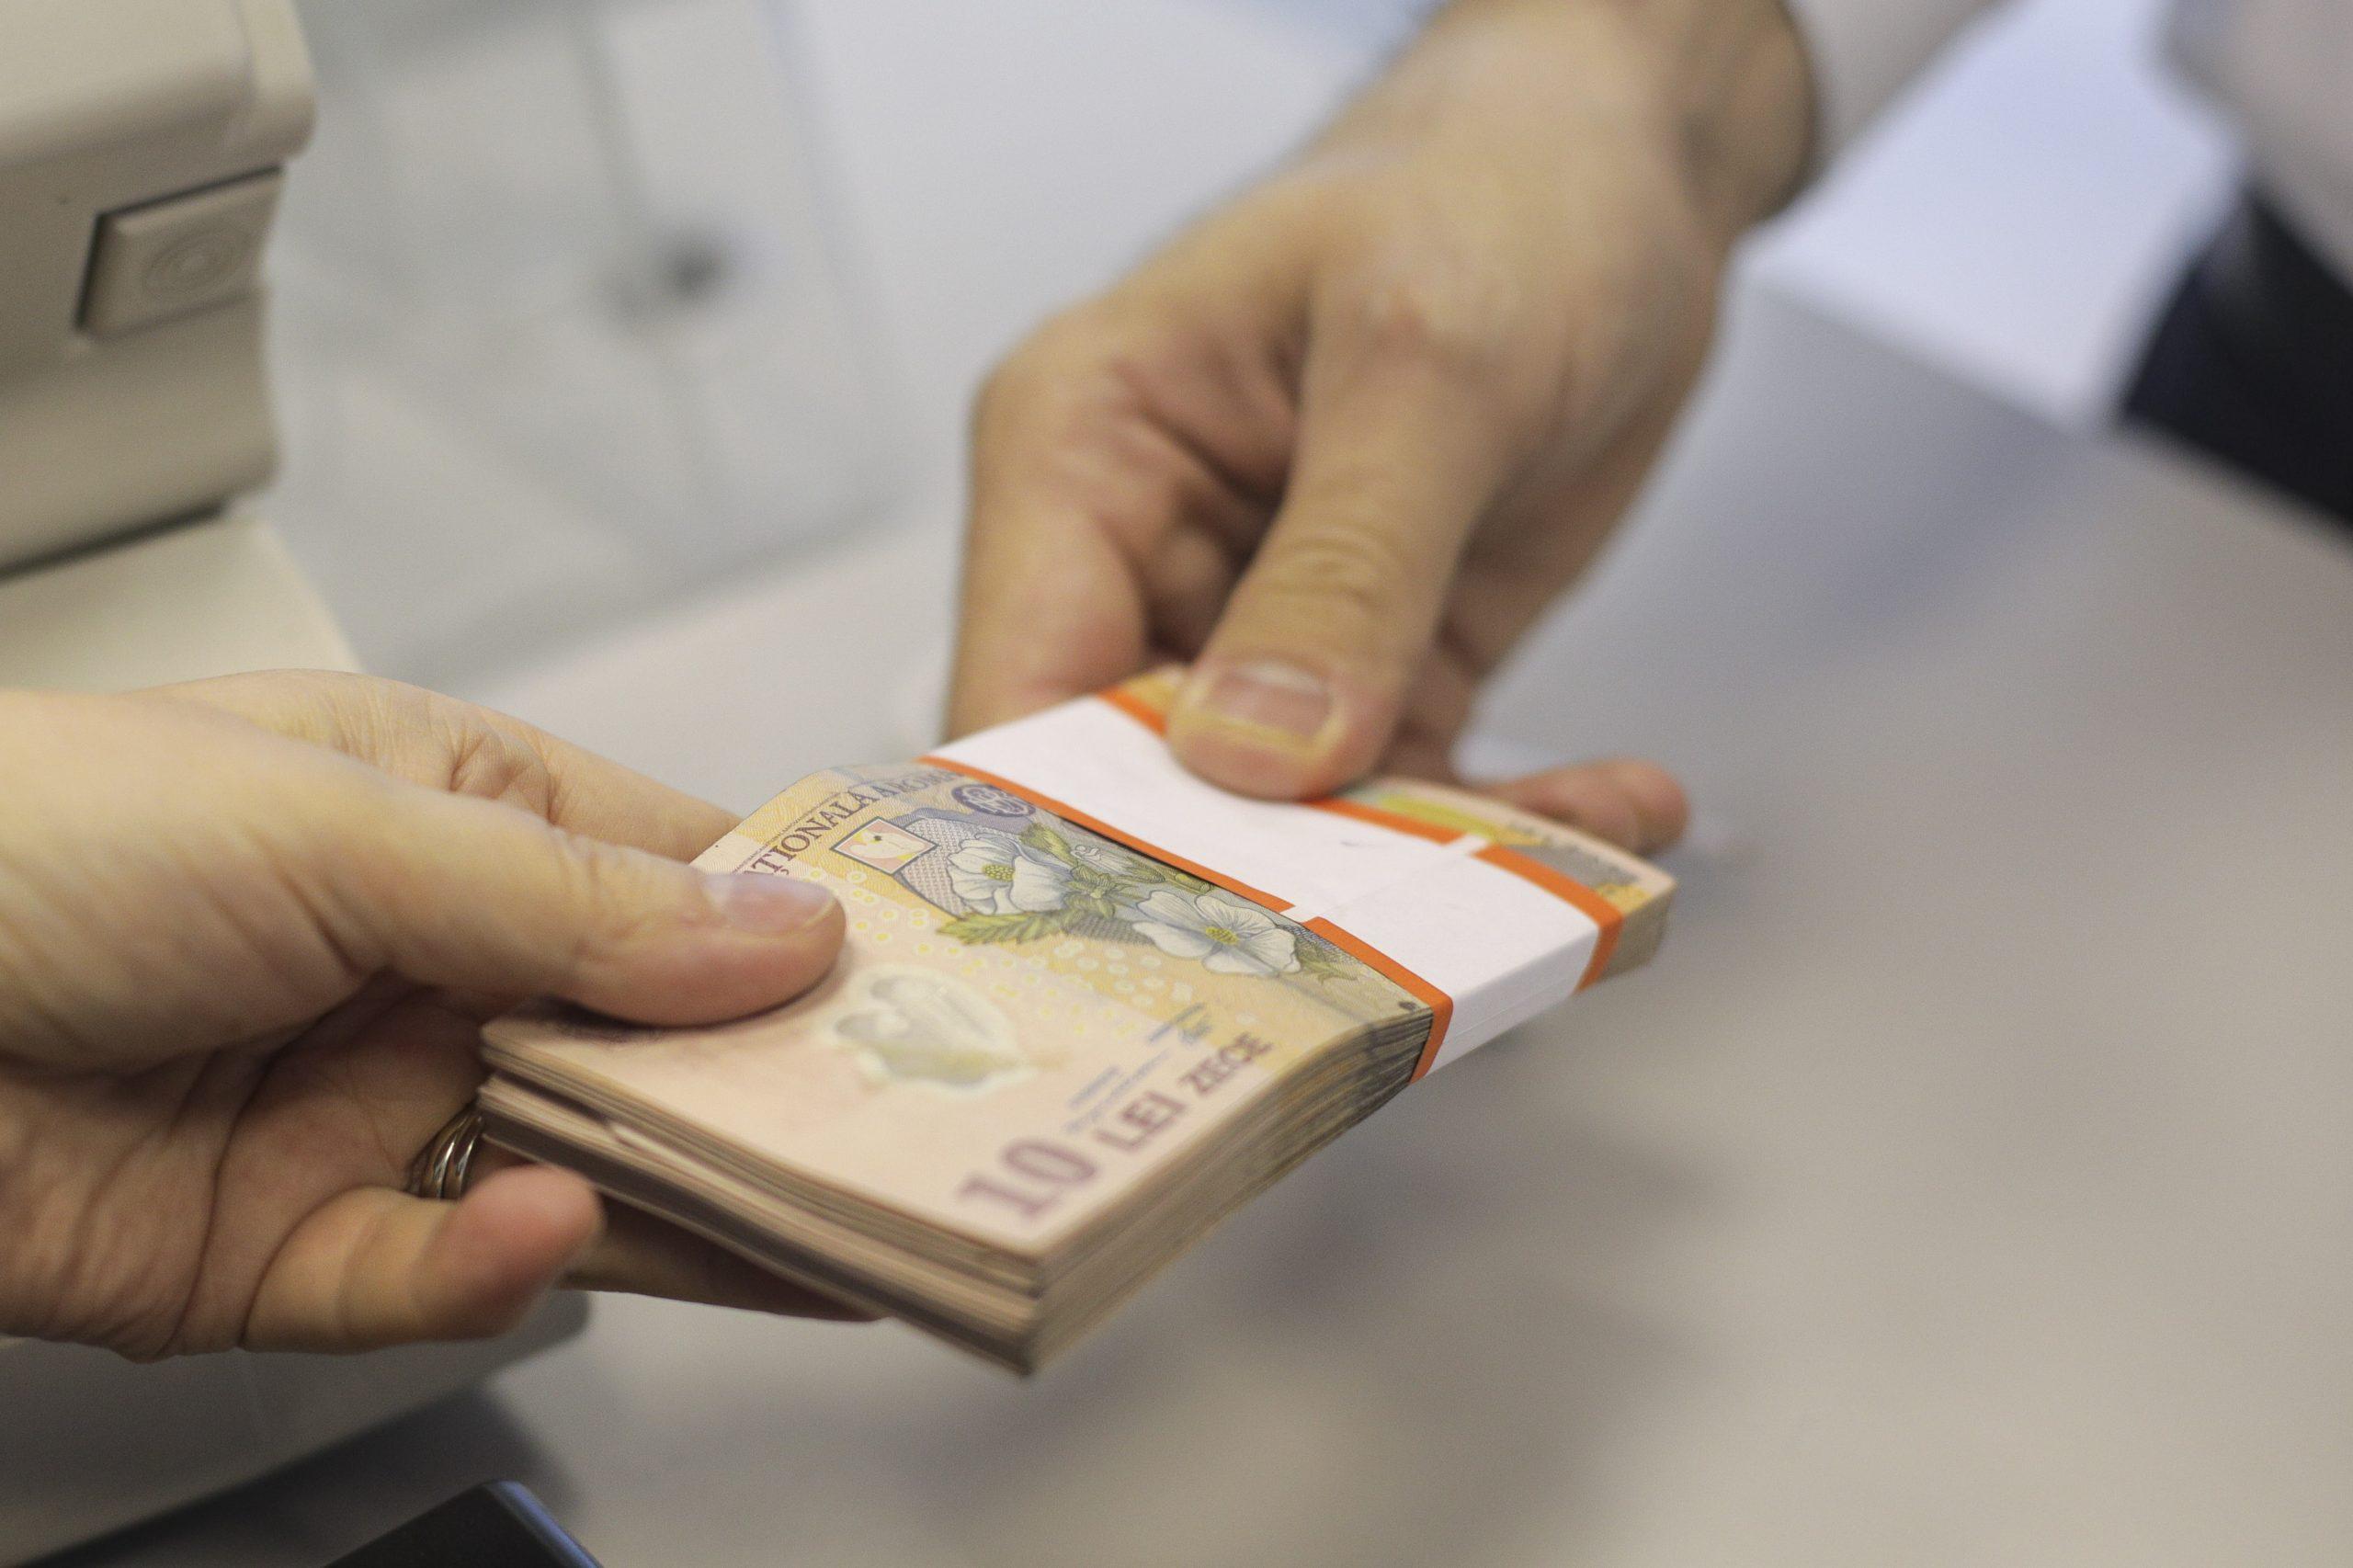 """Florin Cîțu, vești bune pentru pensionari: """"Este cea mai mare sumă pe care au primit-o pensionarii vreodată"""""""